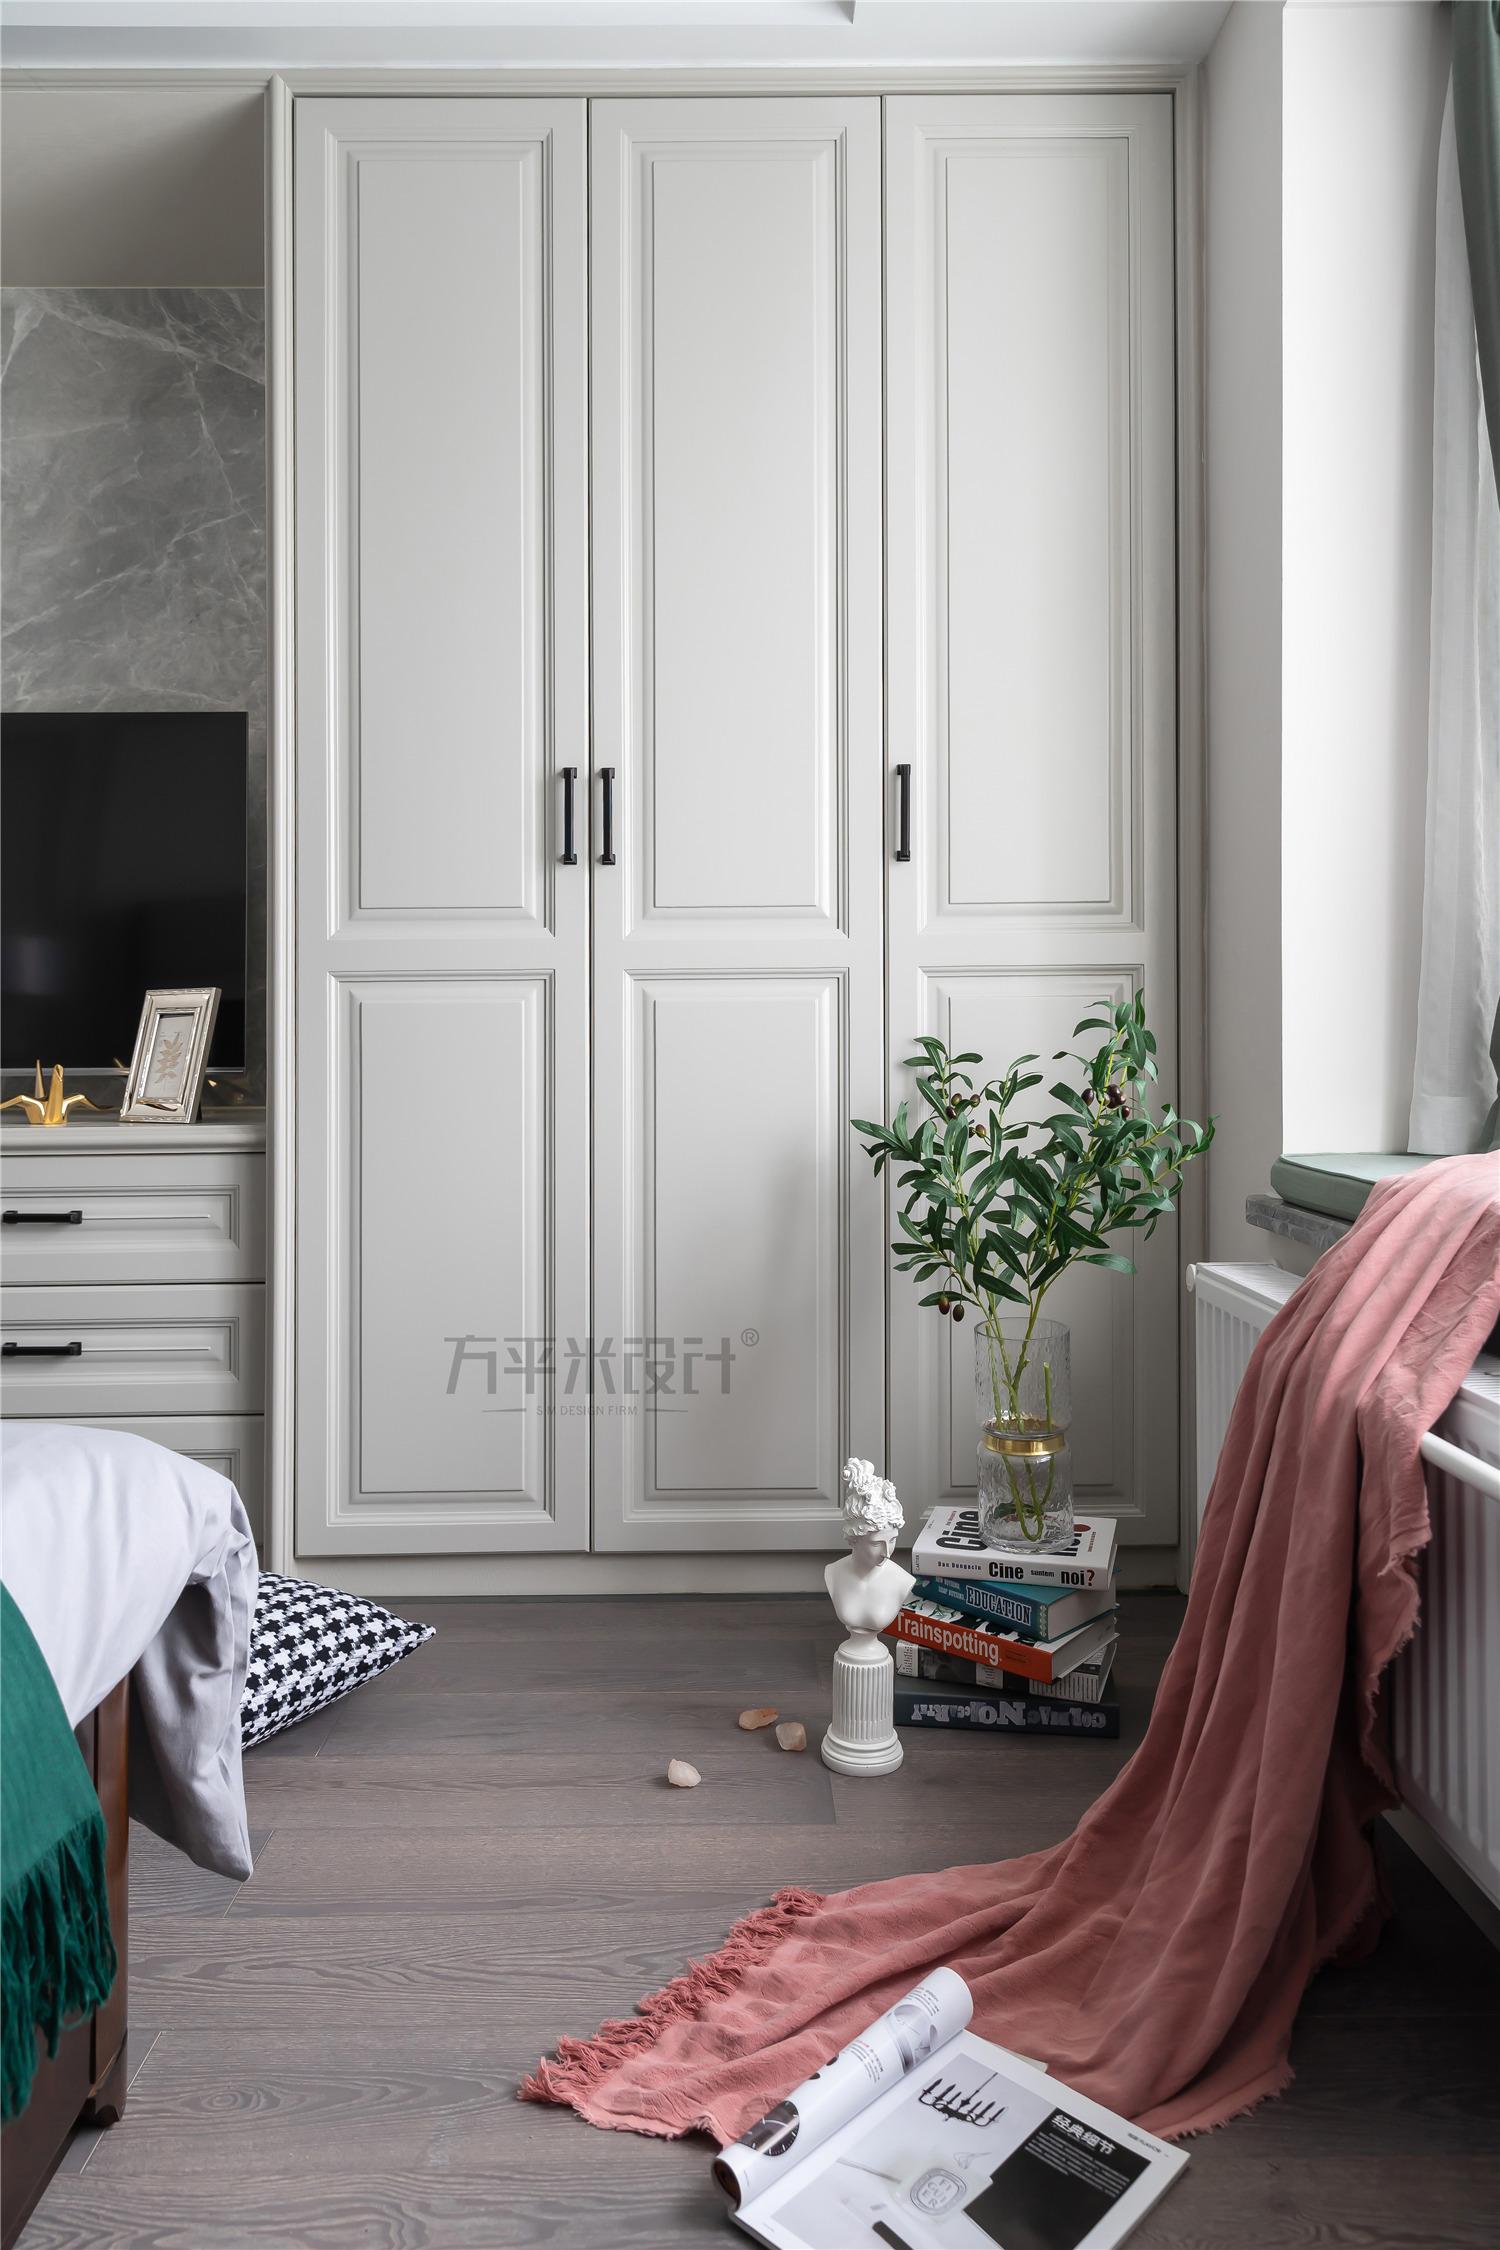 142㎡现代美式风装修衣柜设计